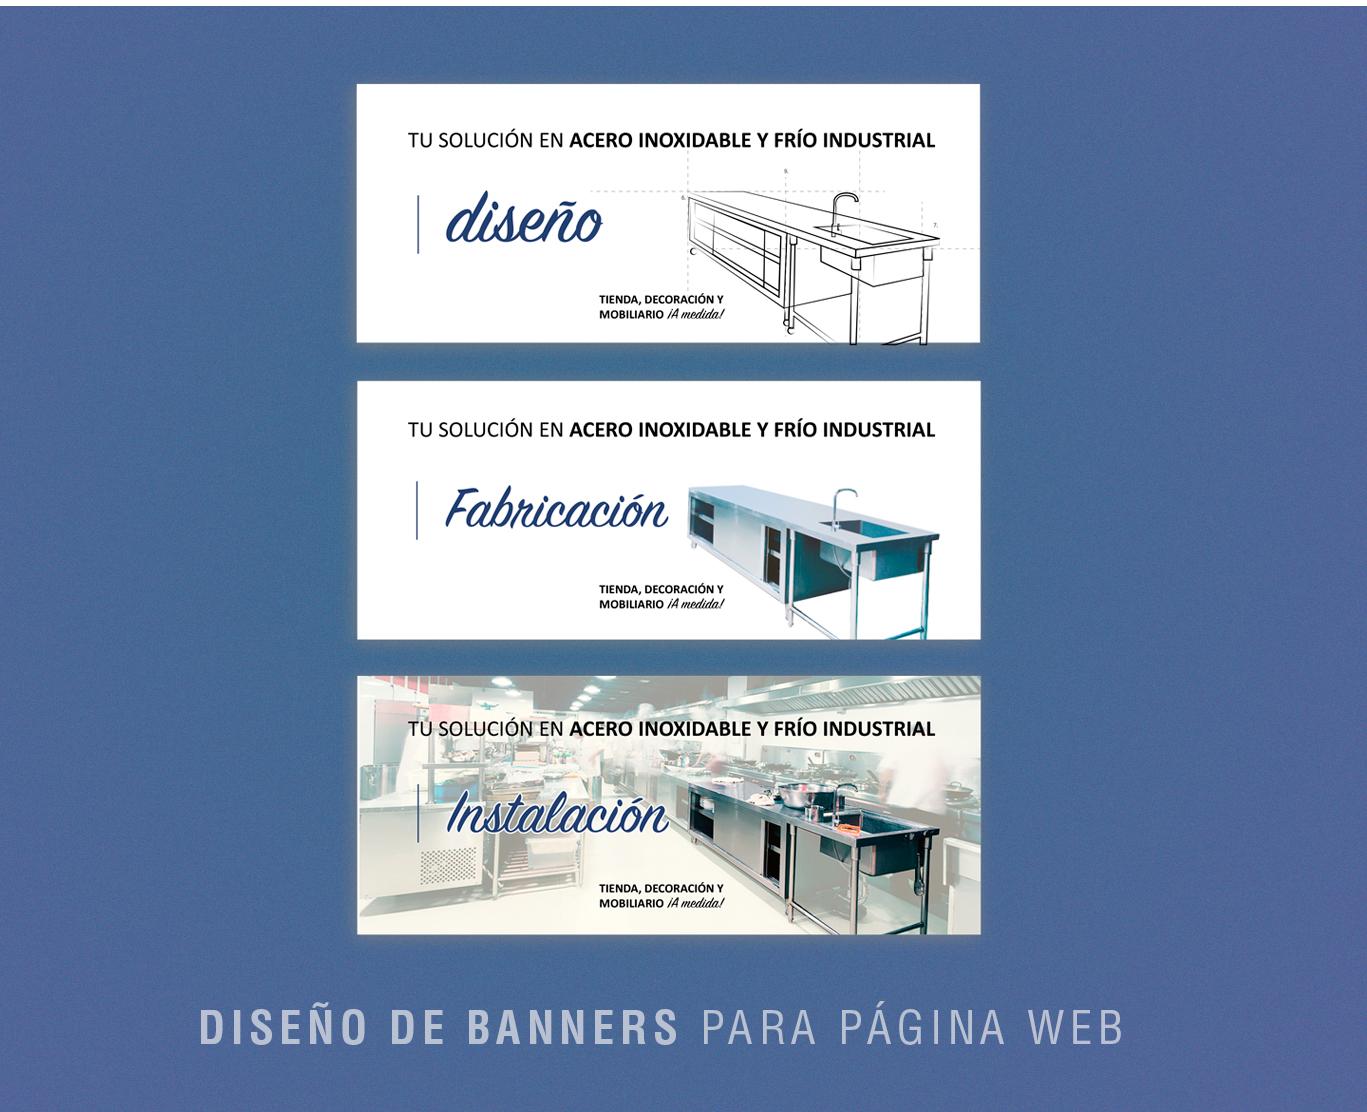 Posicionamientos seo Madrid web y diseño banners página Madrid web para empresa Inoxfrio